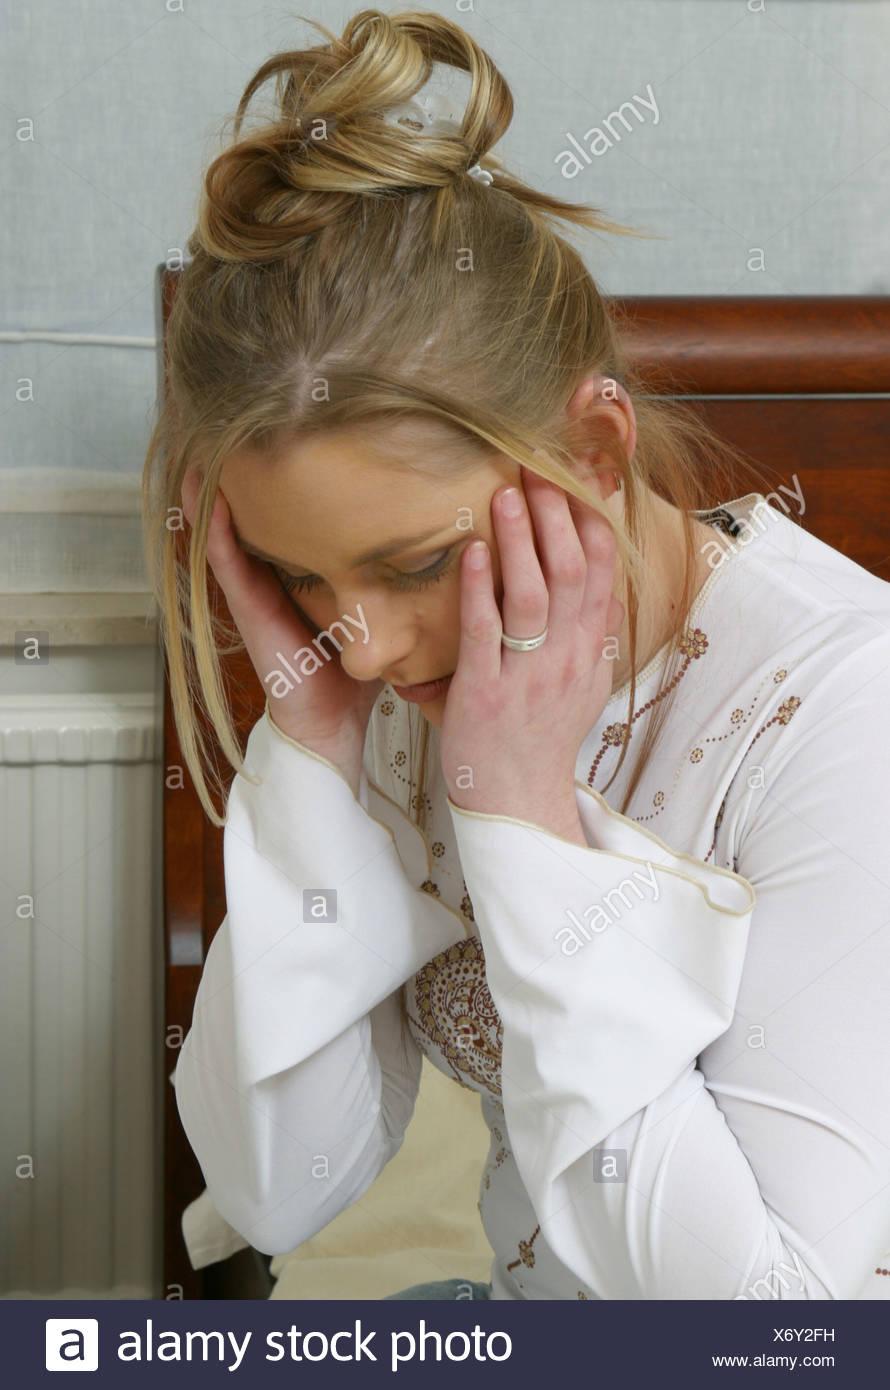 Young woman upset head in hands in bedroom headãndshoulders Stock Photo